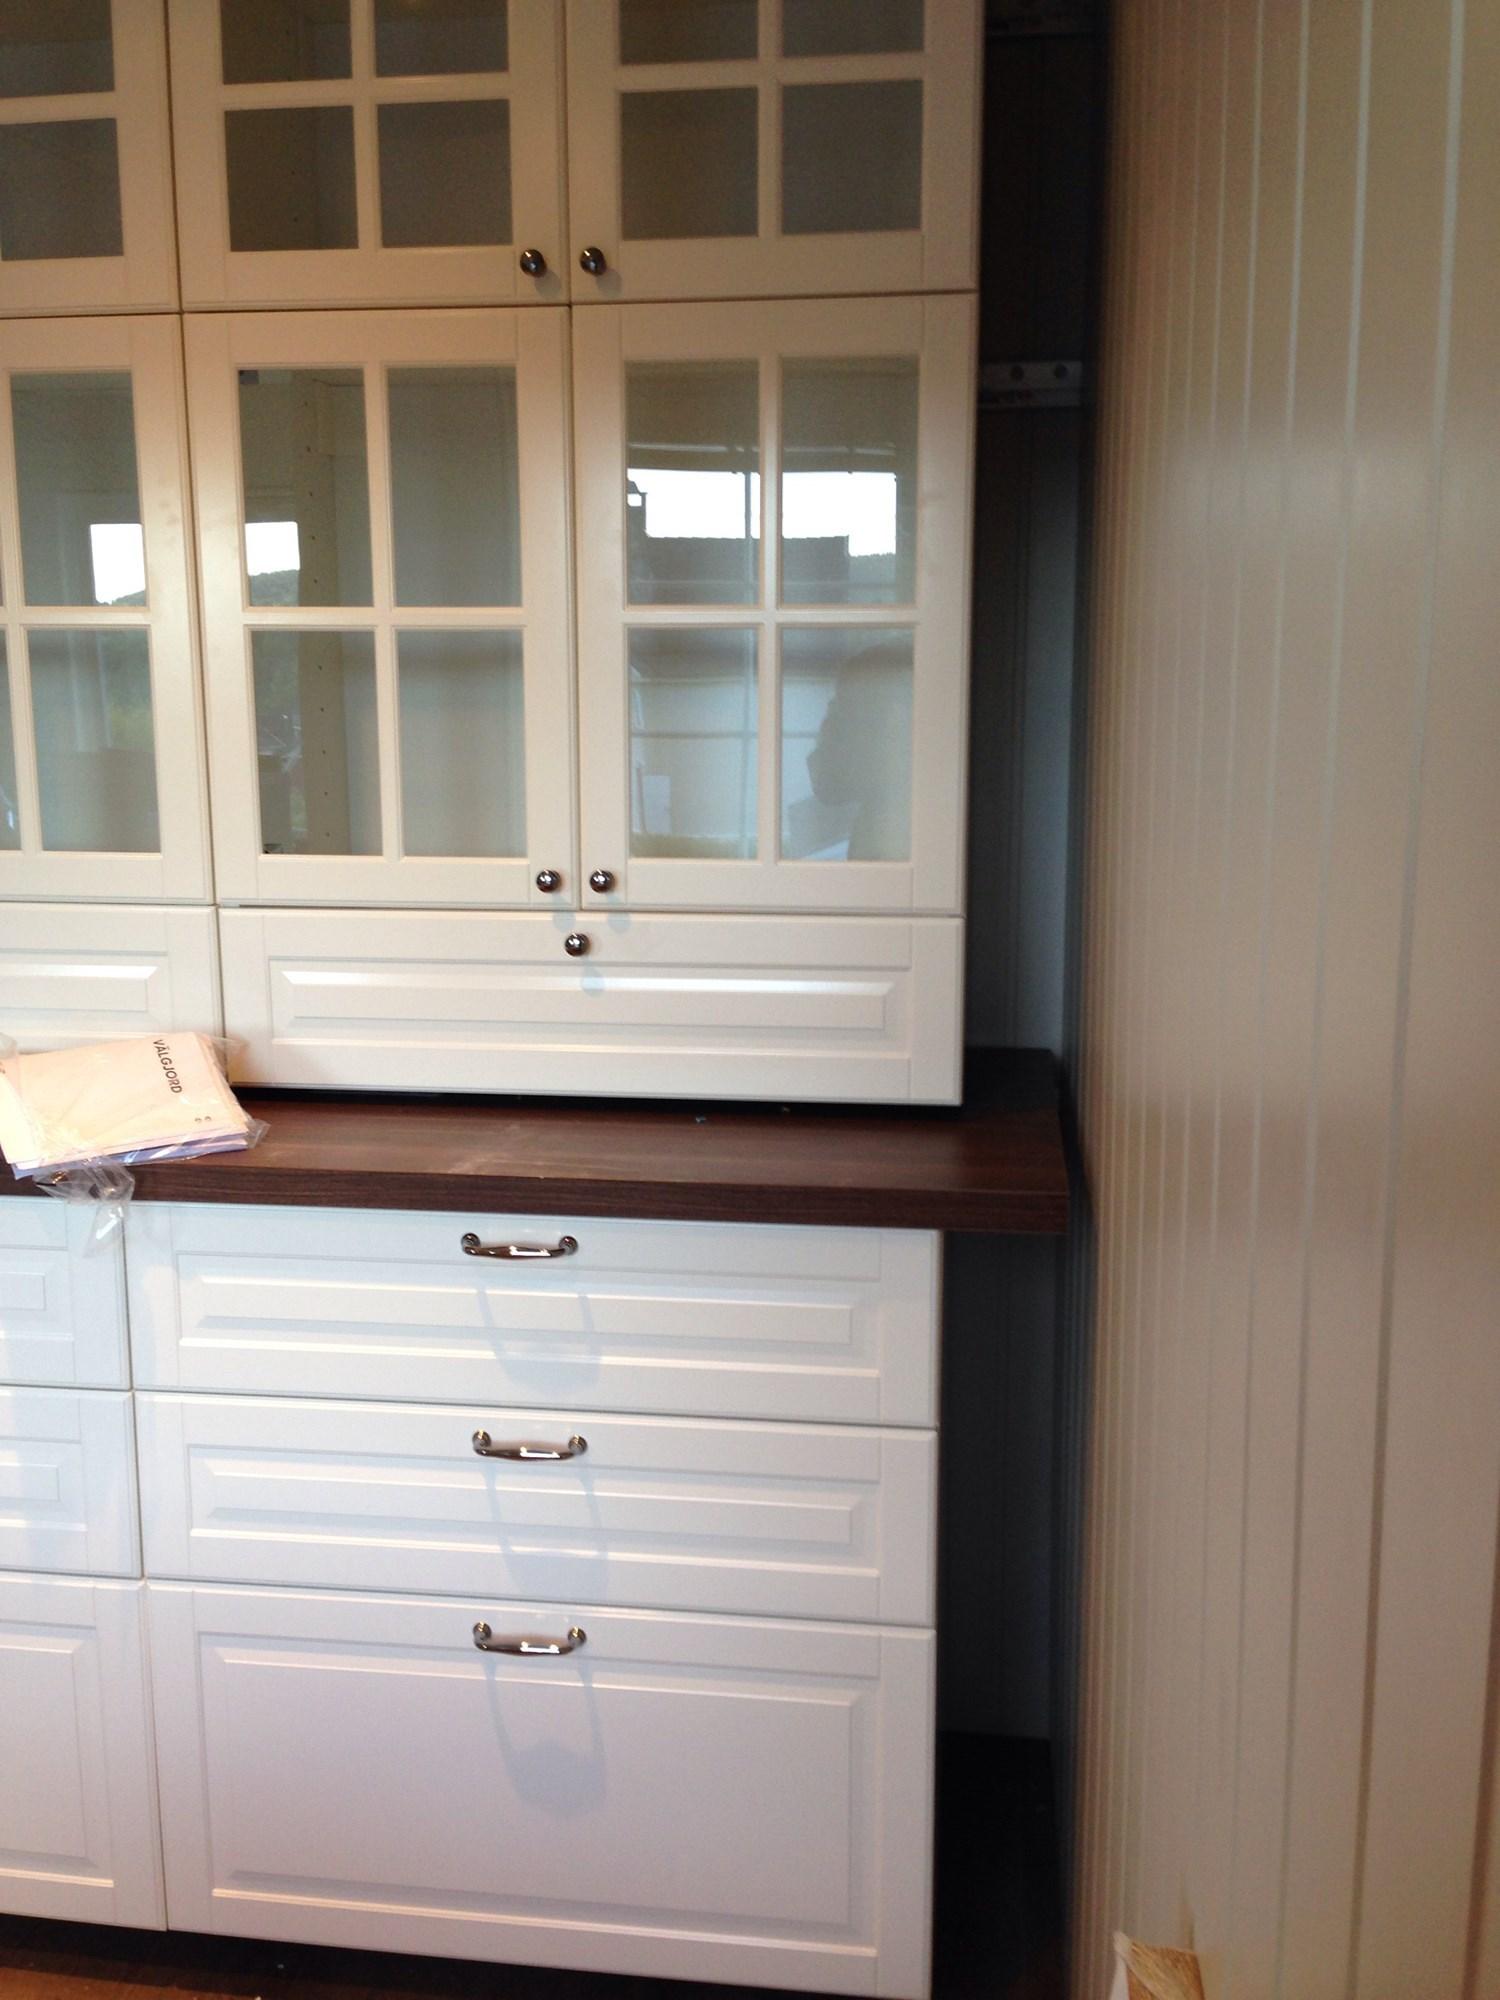 hjelp til siste finish p ikea kj kken byggebolig. Black Bedroom Furniture Sets. Home Design Ideas